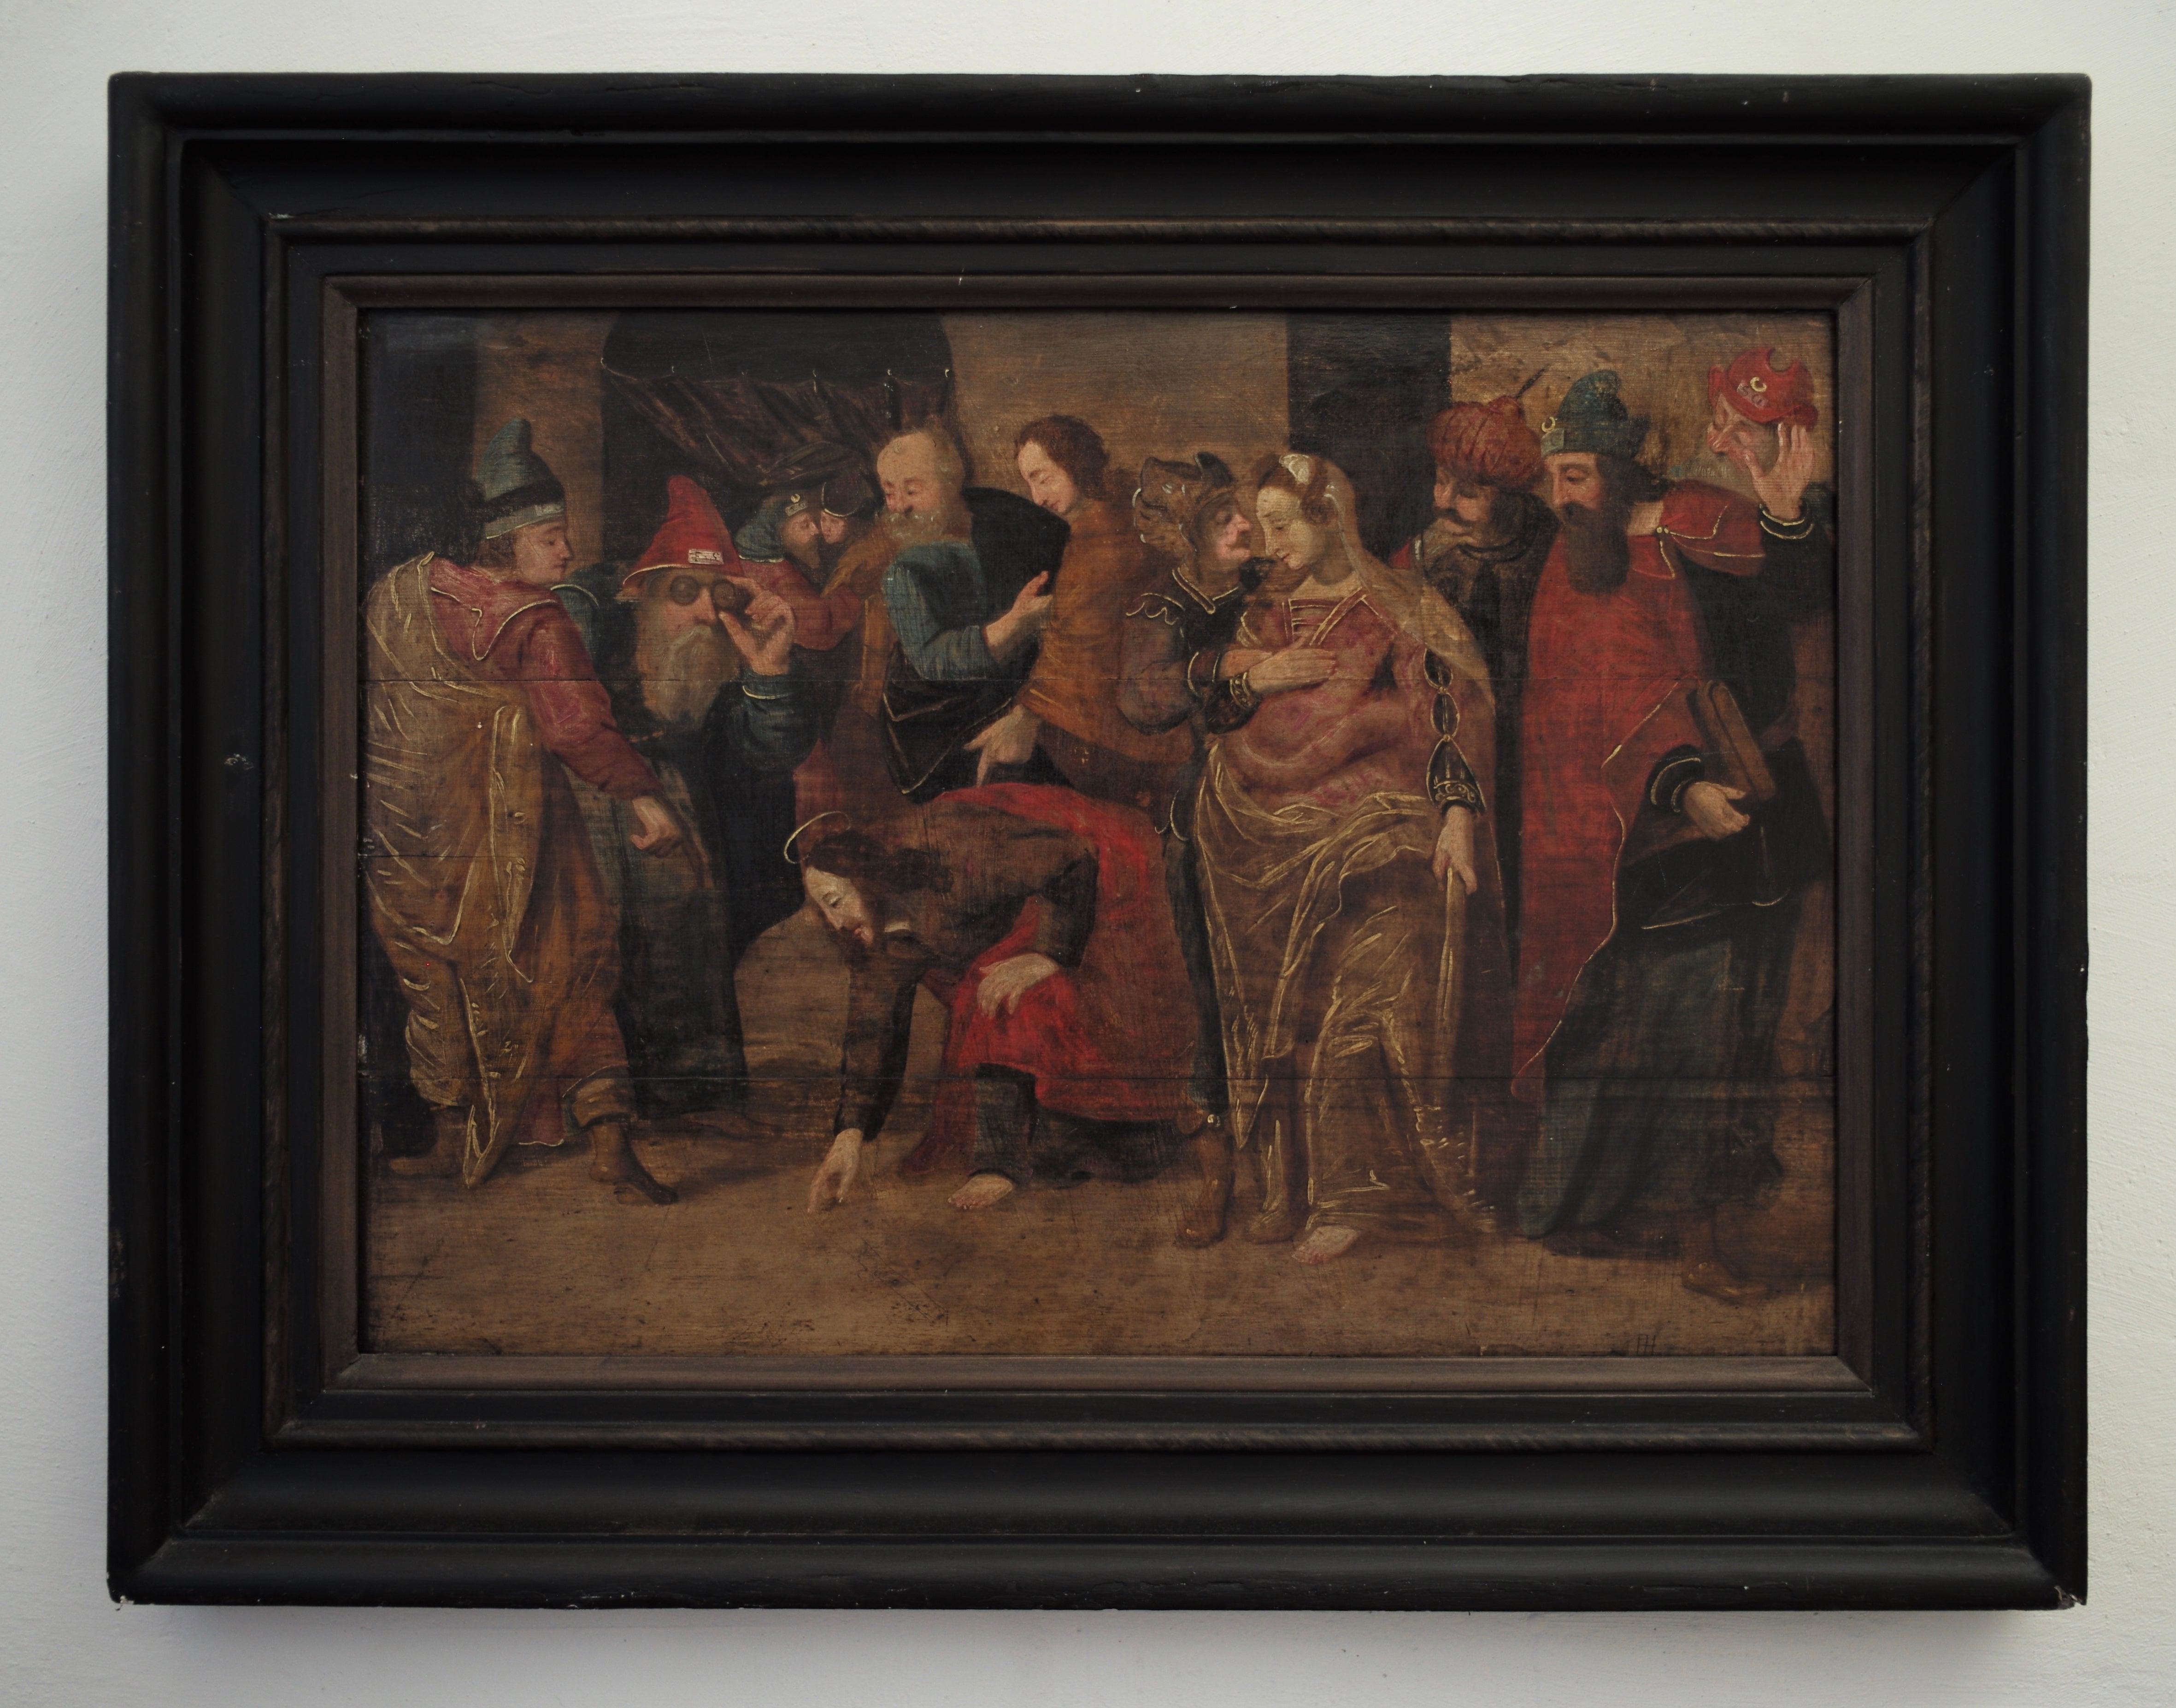 The Adulterous Woman by a Follower of Frans Francken II, Oil on Oak Panel